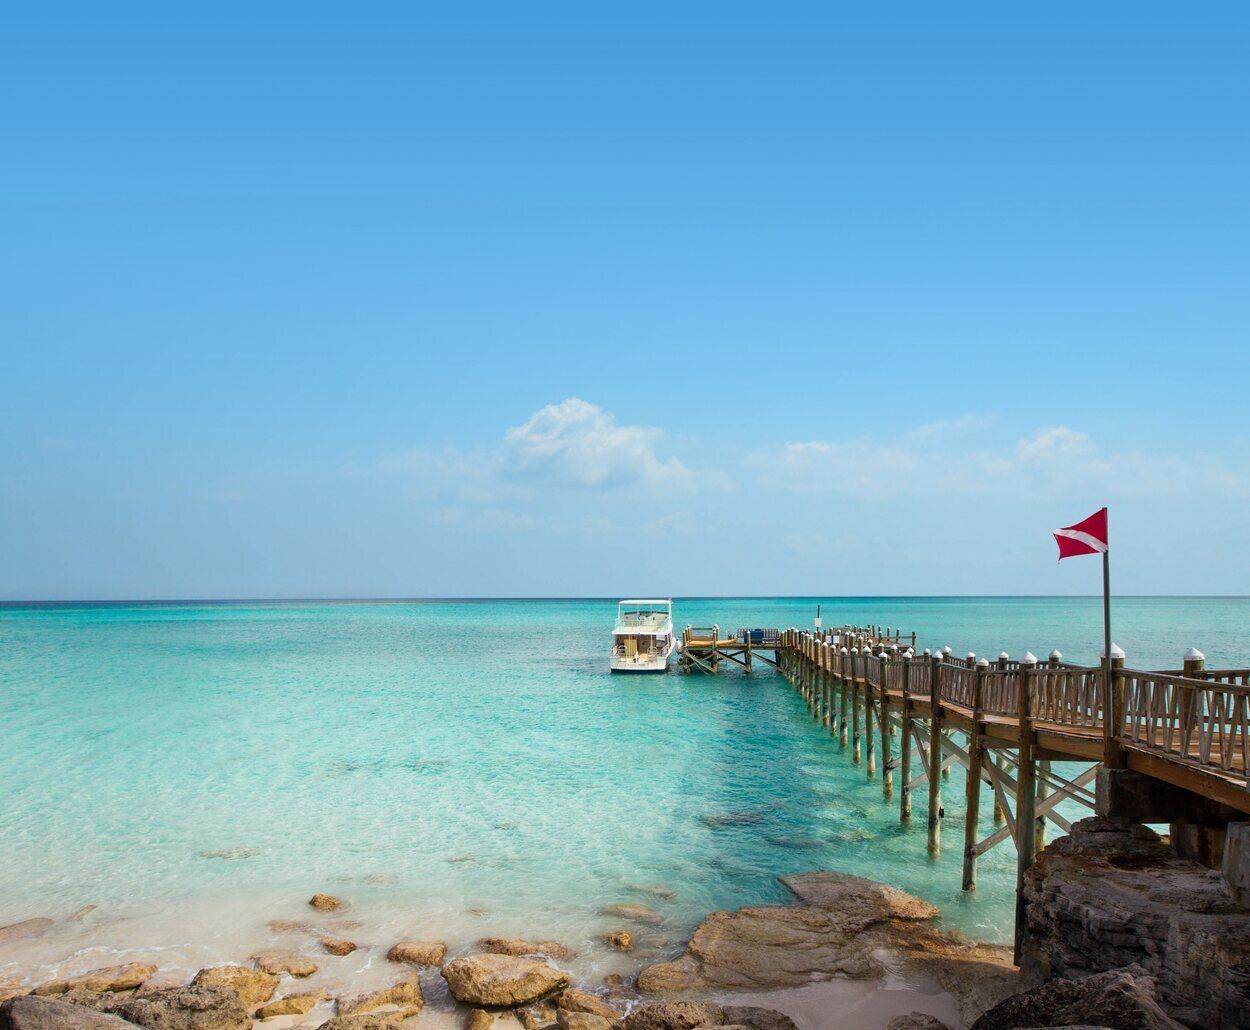 Las playas de la isla de San Salvador son de aguas cristalinas